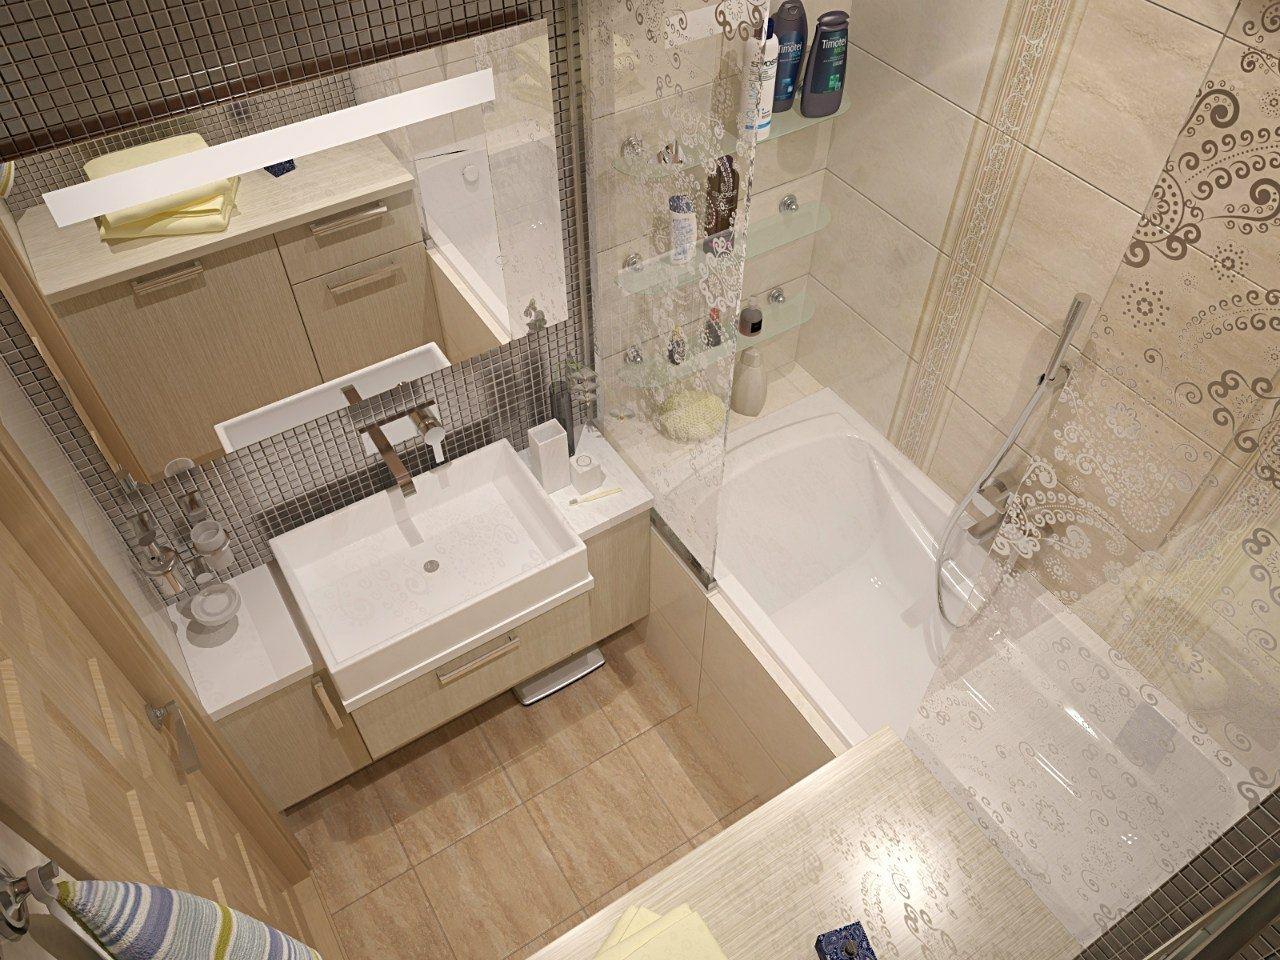 Фото маленькой ванной комнаты с минимальным декором и отделкой в светлых оттенках